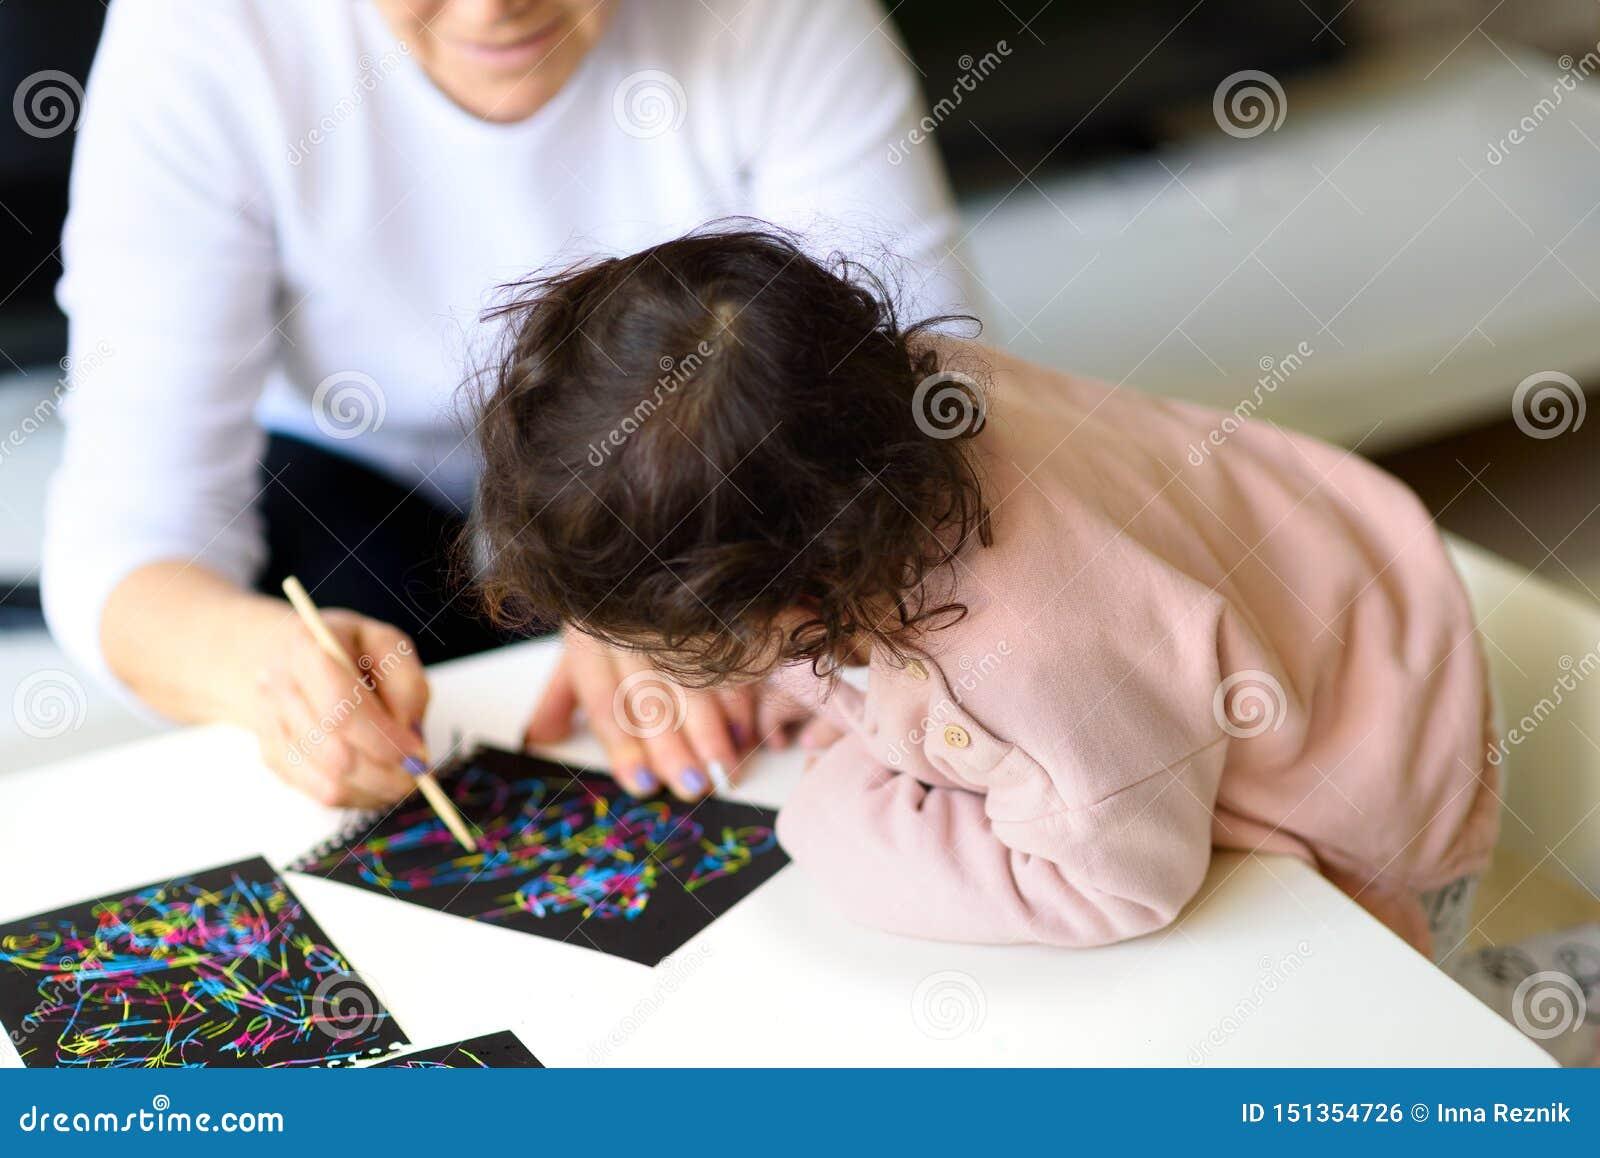 Σχέδιο Grandma και εγγονών μαζί με το ραβδί σε μαγικό χαρτί ζωγραφικής γρατσουνιών στο σπίτι ή στην κατηγορία